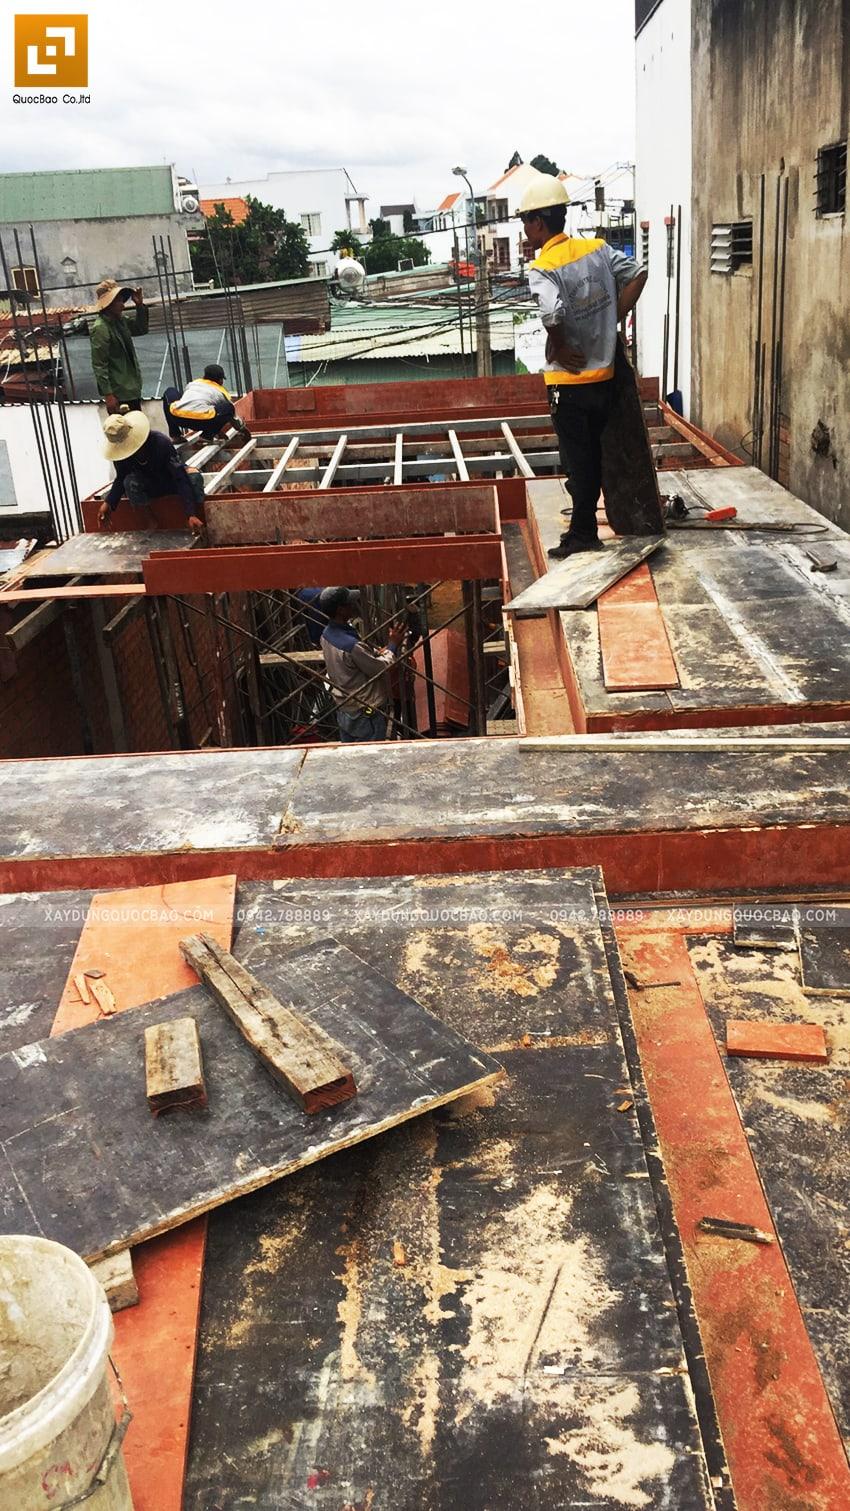 Lắp đặt ván cofa dầm, sàn lầu 1 nhà anh Hùng - Ảnh 3